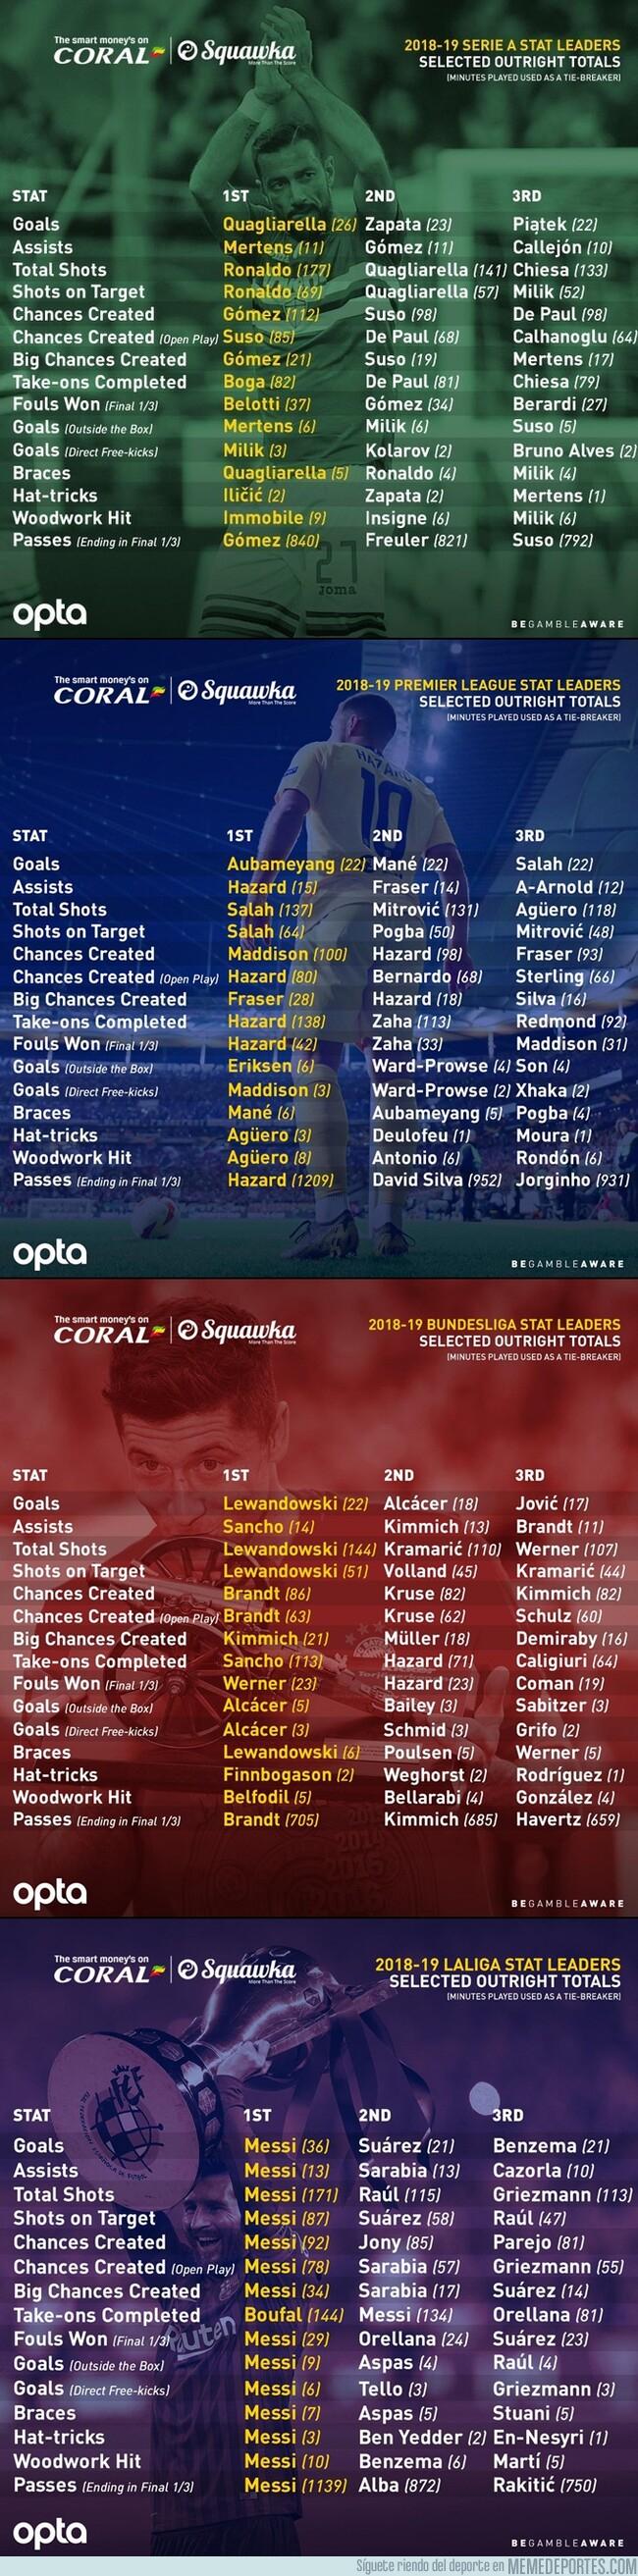 1079267 - Los más destacados de cada liga. Miras los de la liga española y te das cuenta lo que es no saber dimensionar a un jugador